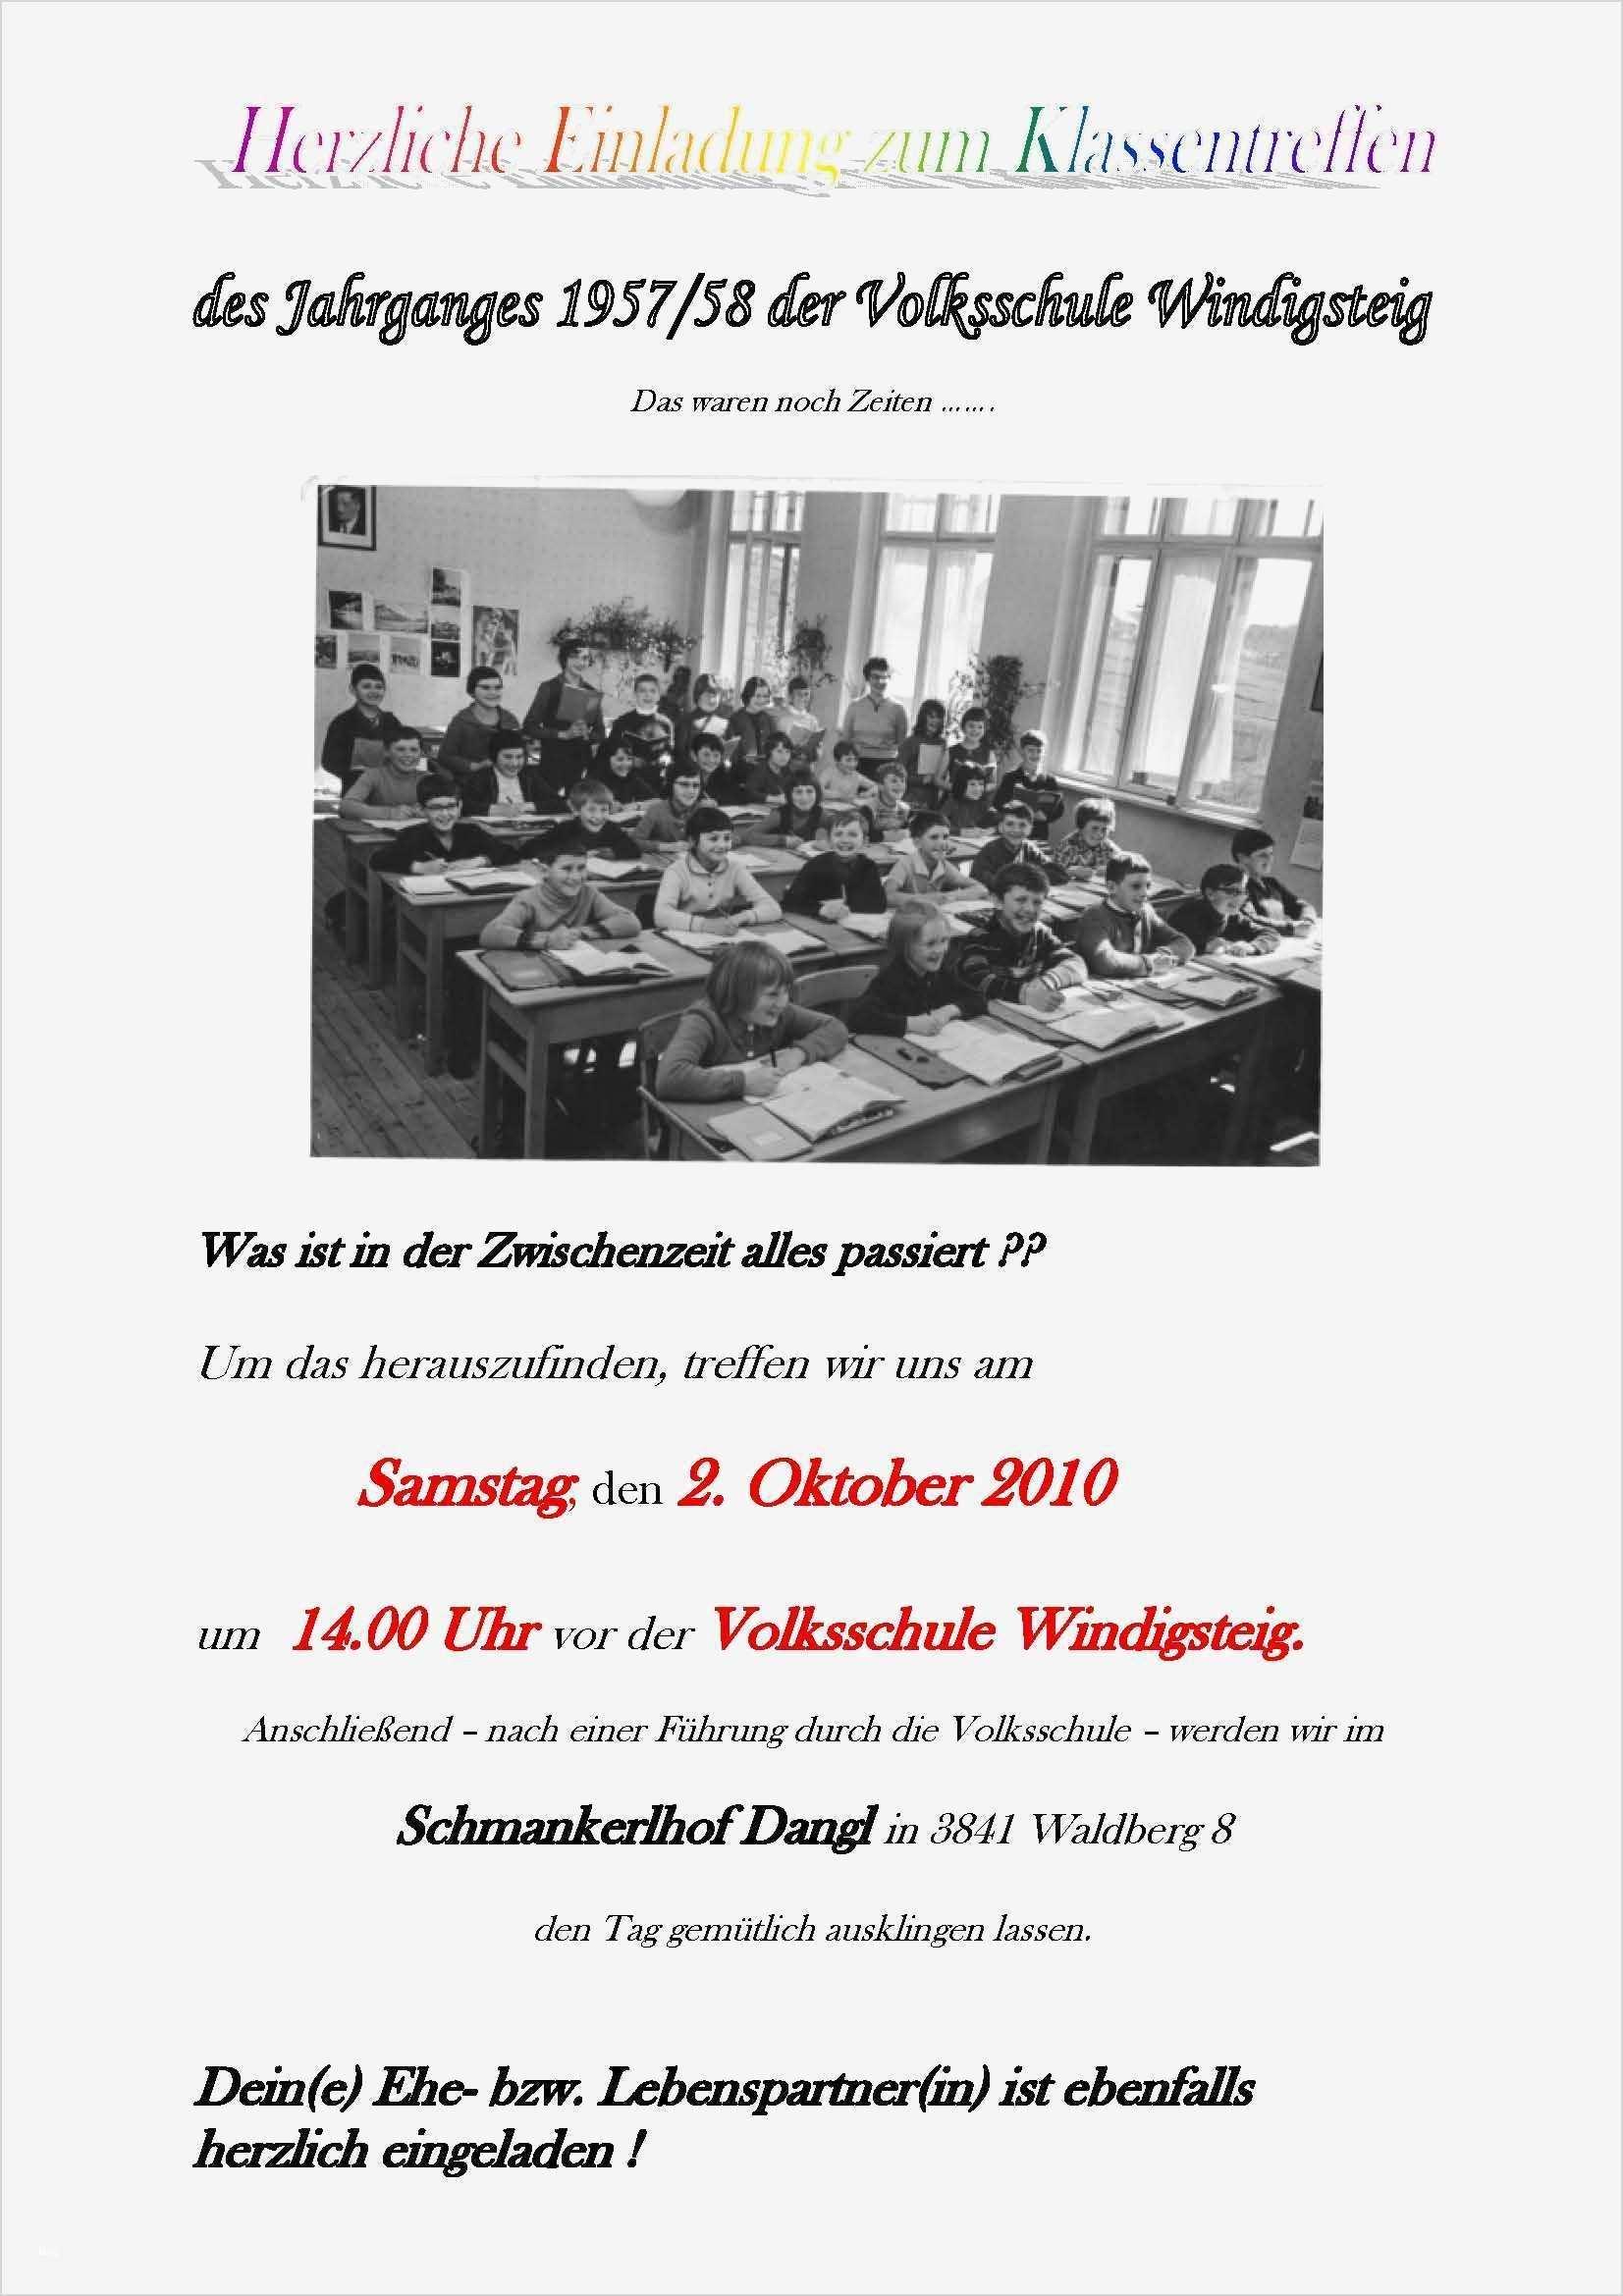 Einladung Klassentreffen Download Einladung Klassentreffen Drucken